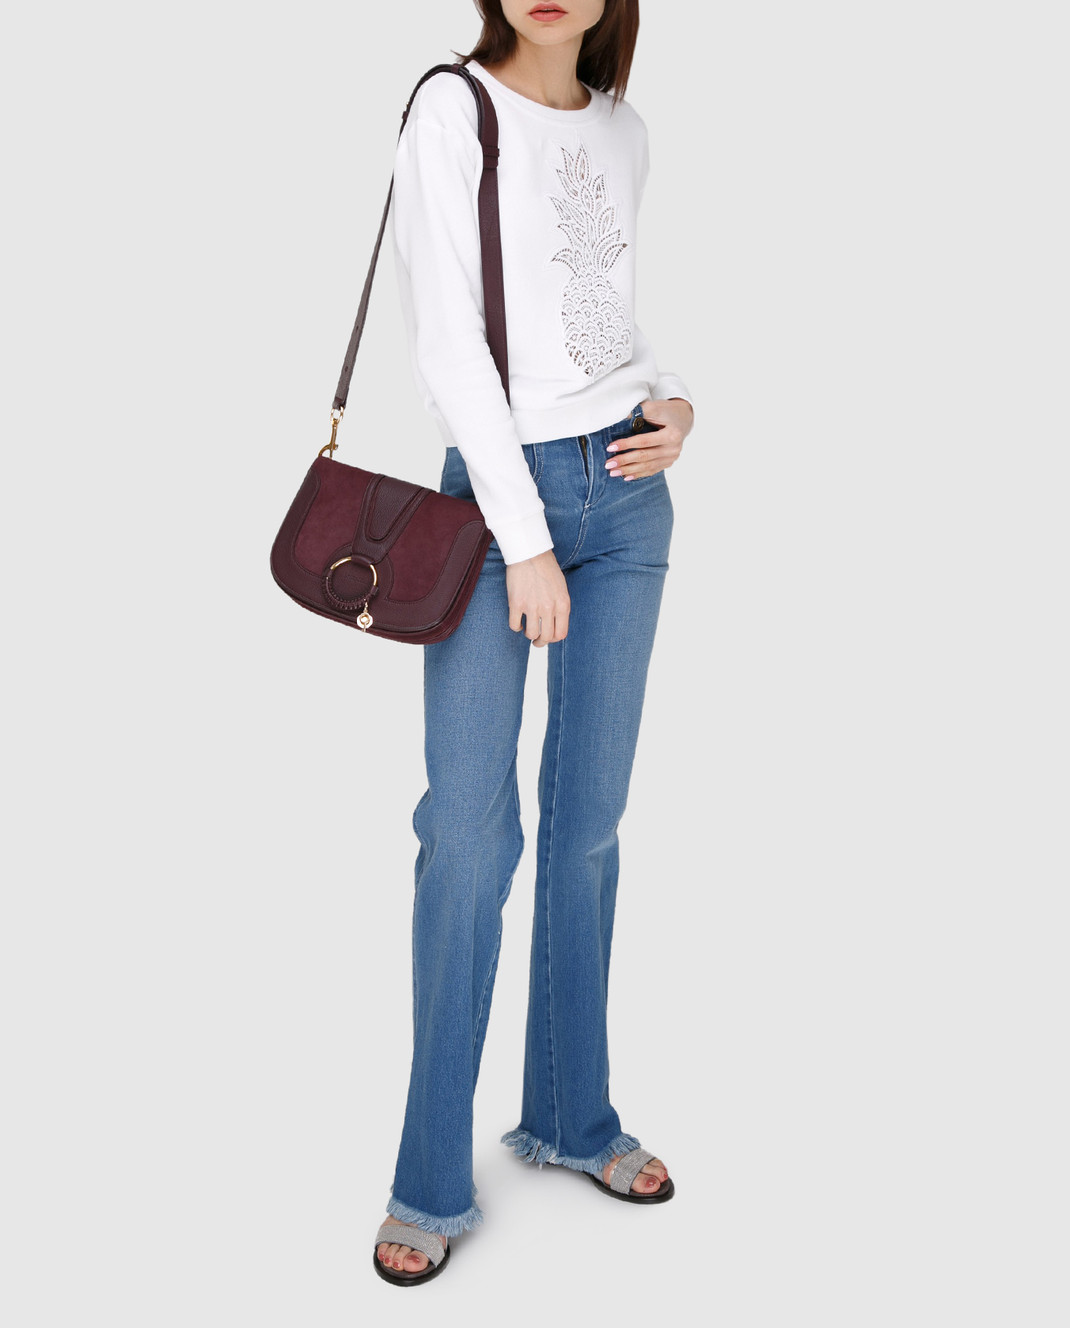 Chloe Голубые джинсы изображение 2